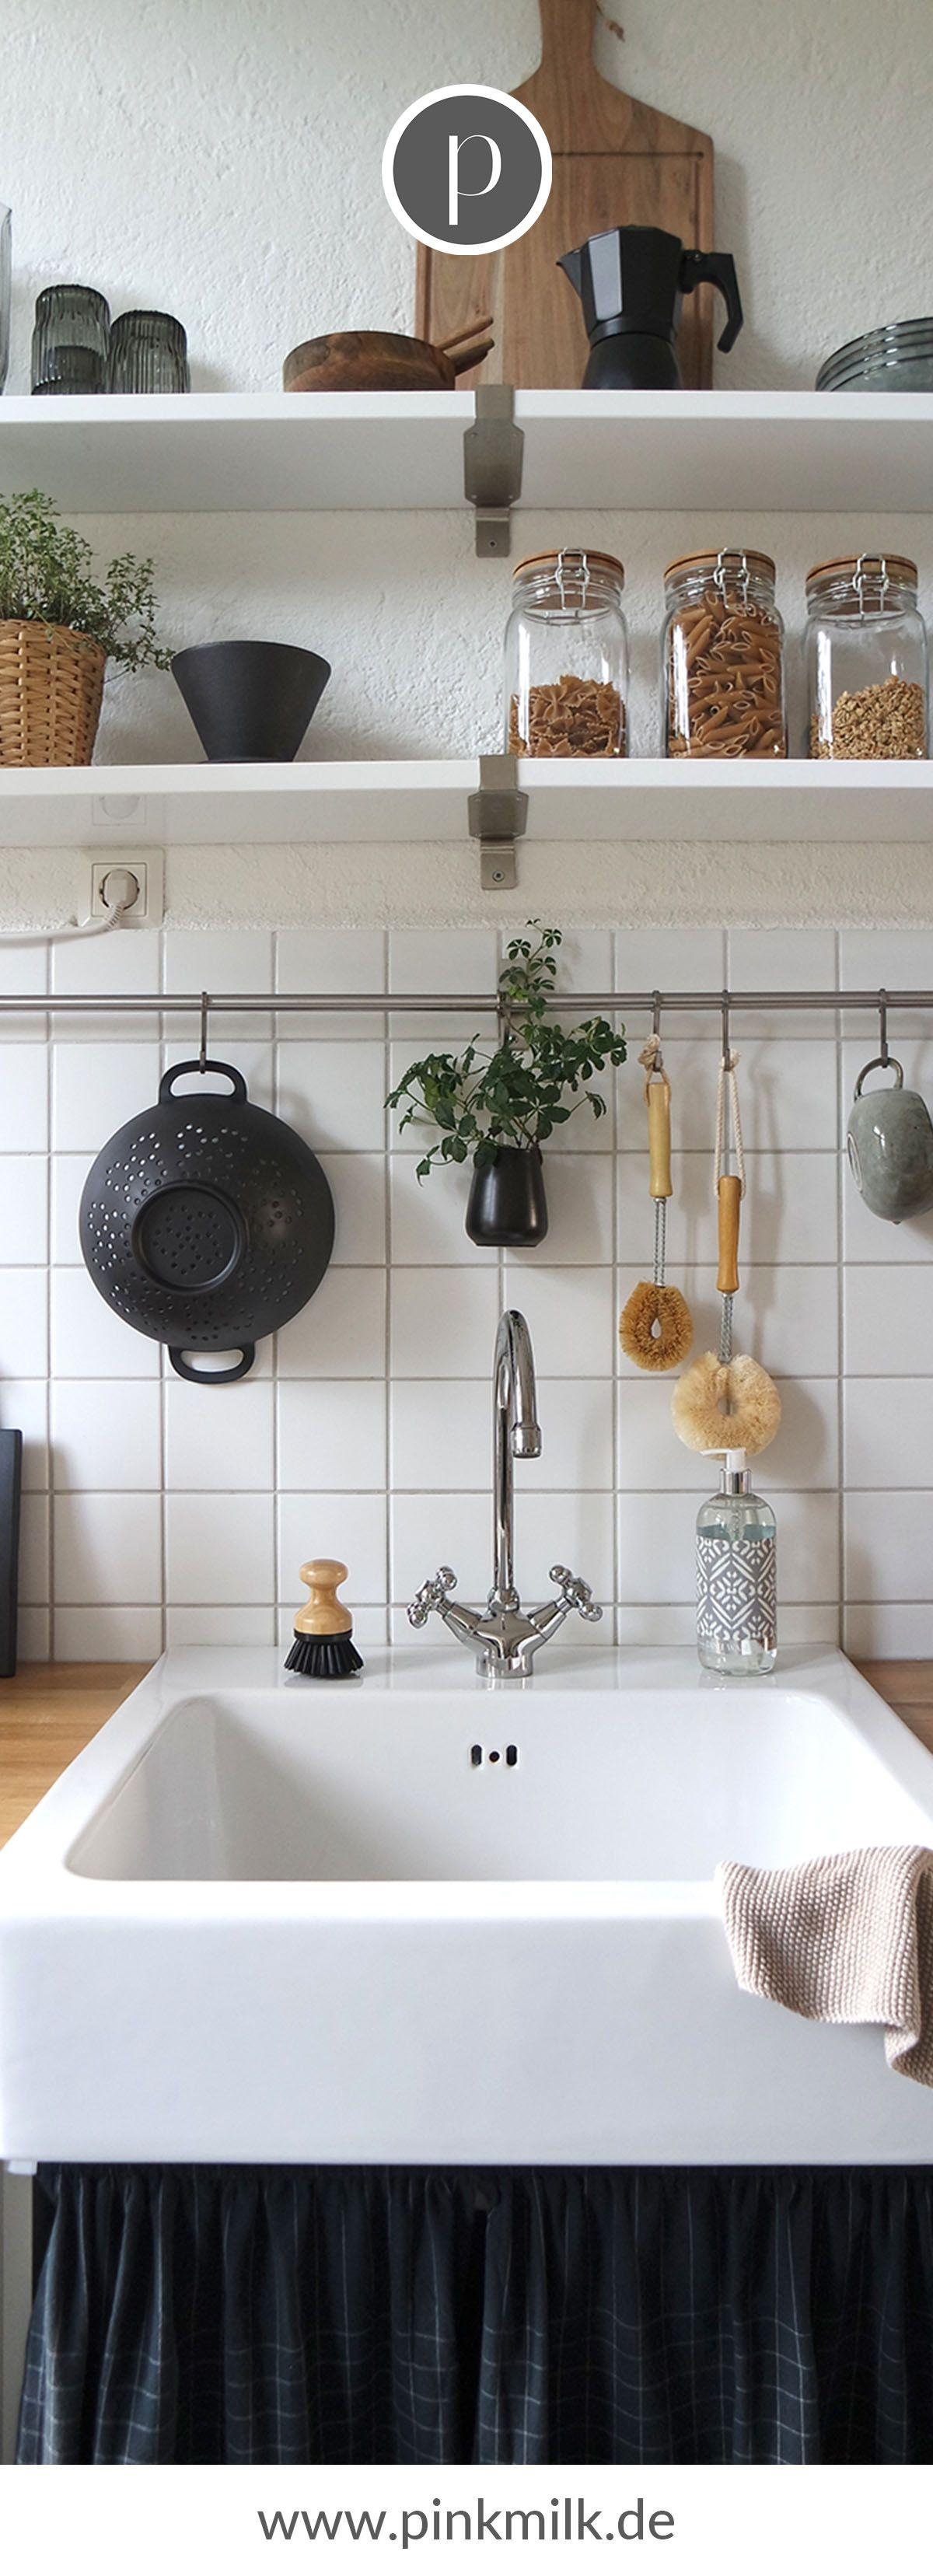 Deine Küche im skandinavischen Stil! Diese tolle Küchenausstattung und vieles mehr findest Du bei uns im Shop. Lass Dich inspirieren und gestalte Deine Küche im Scandi Chic. #küche #skandinavisch #scandichic #ideen #inspiration #geschirr #deko #decorationequipment